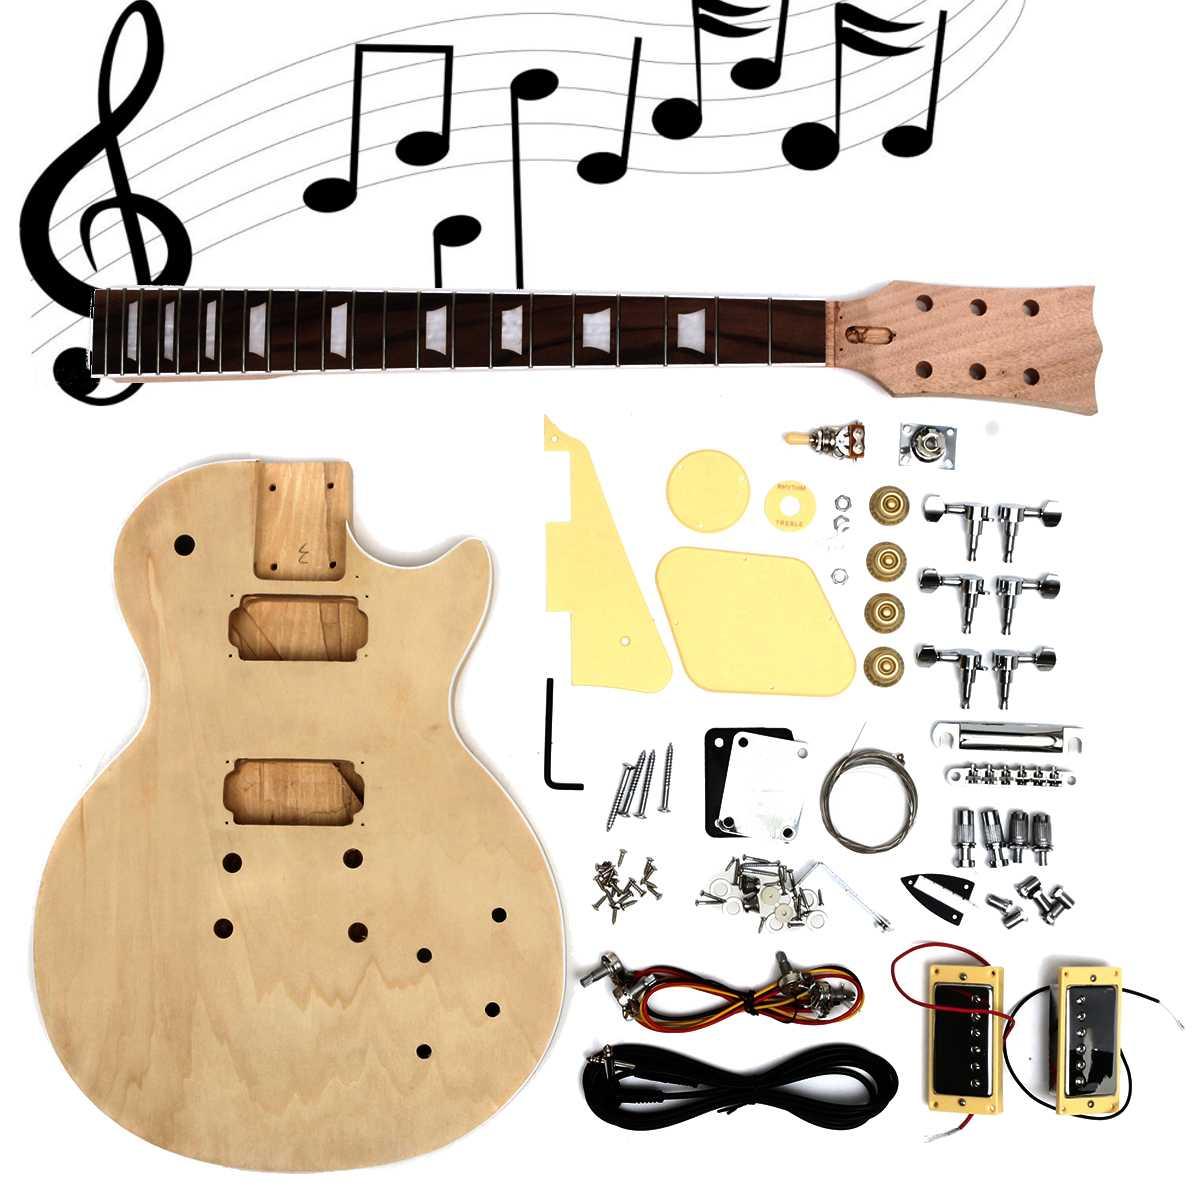 Kit de guitare électrique en bois massif bricolage à la main assembler des pièces de corps et de cou en acajou pour les débutants